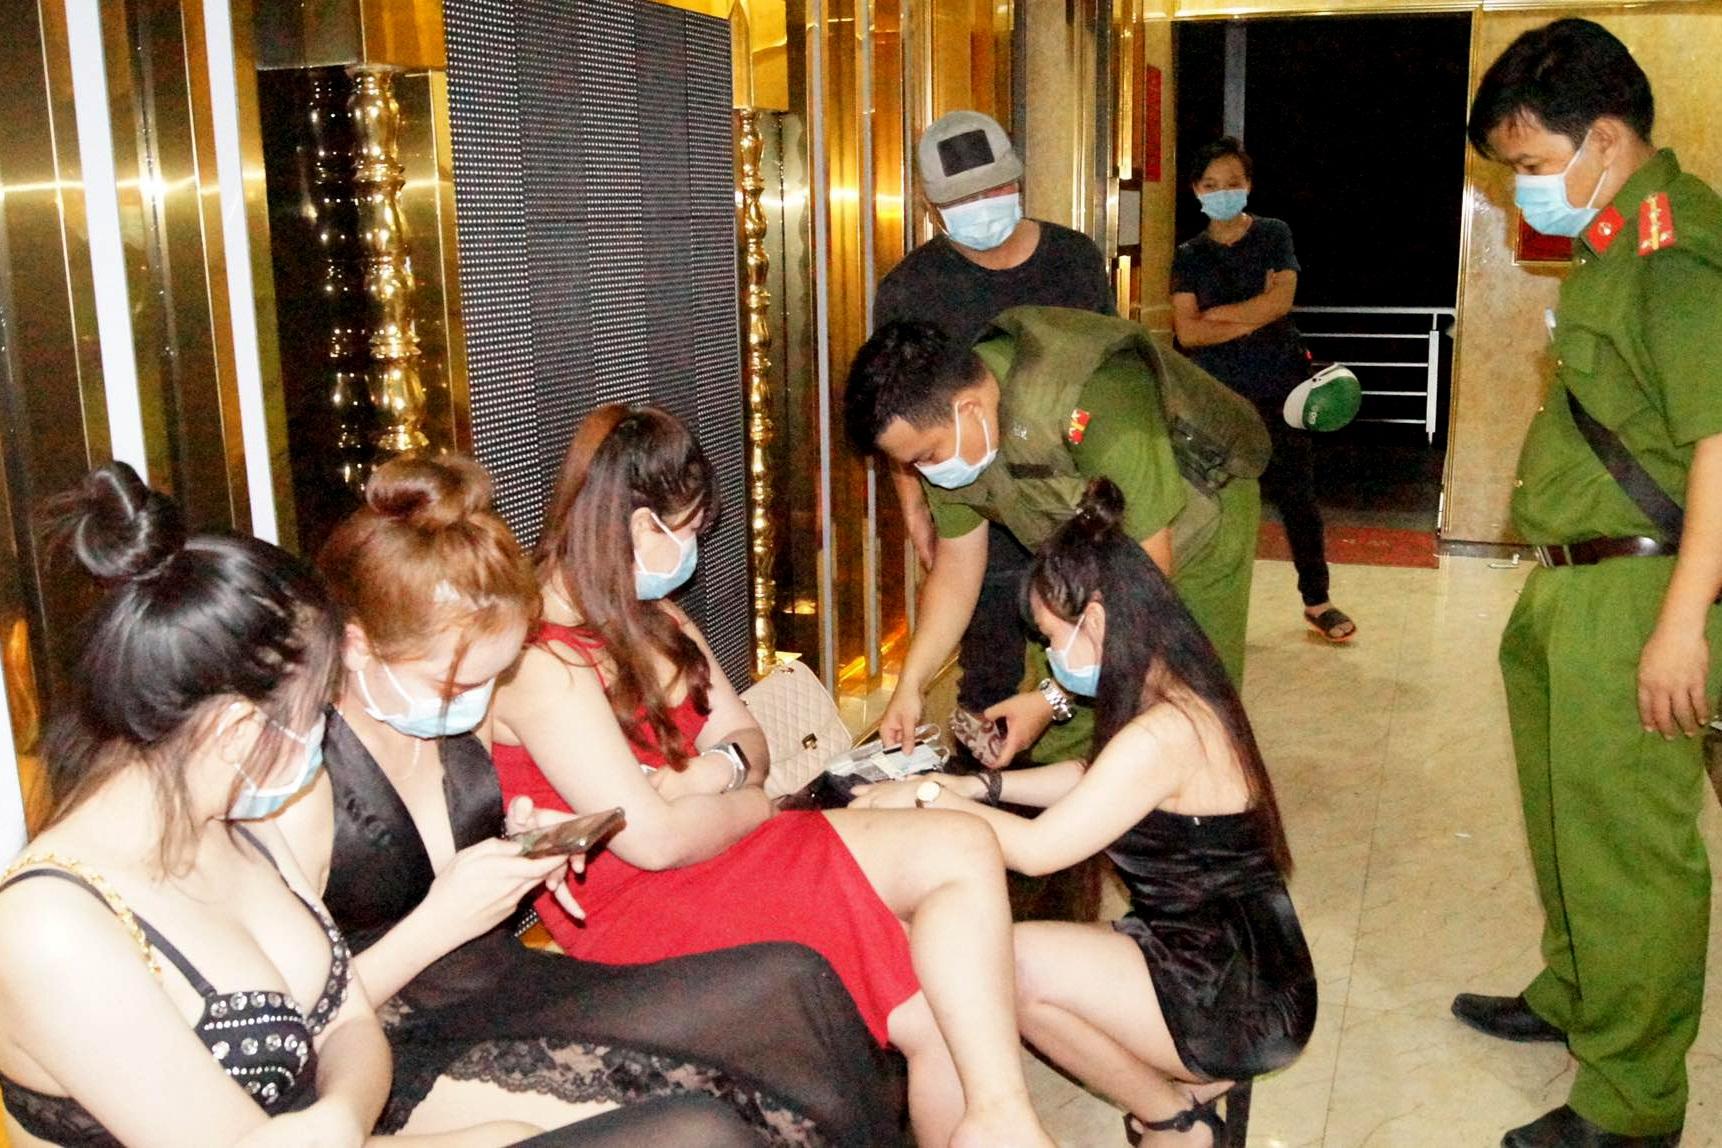 """Hàng trăm khách và tiếp viên gợi cảm """"quẩy"""" trong quán karaoke - Ảnh 2."""